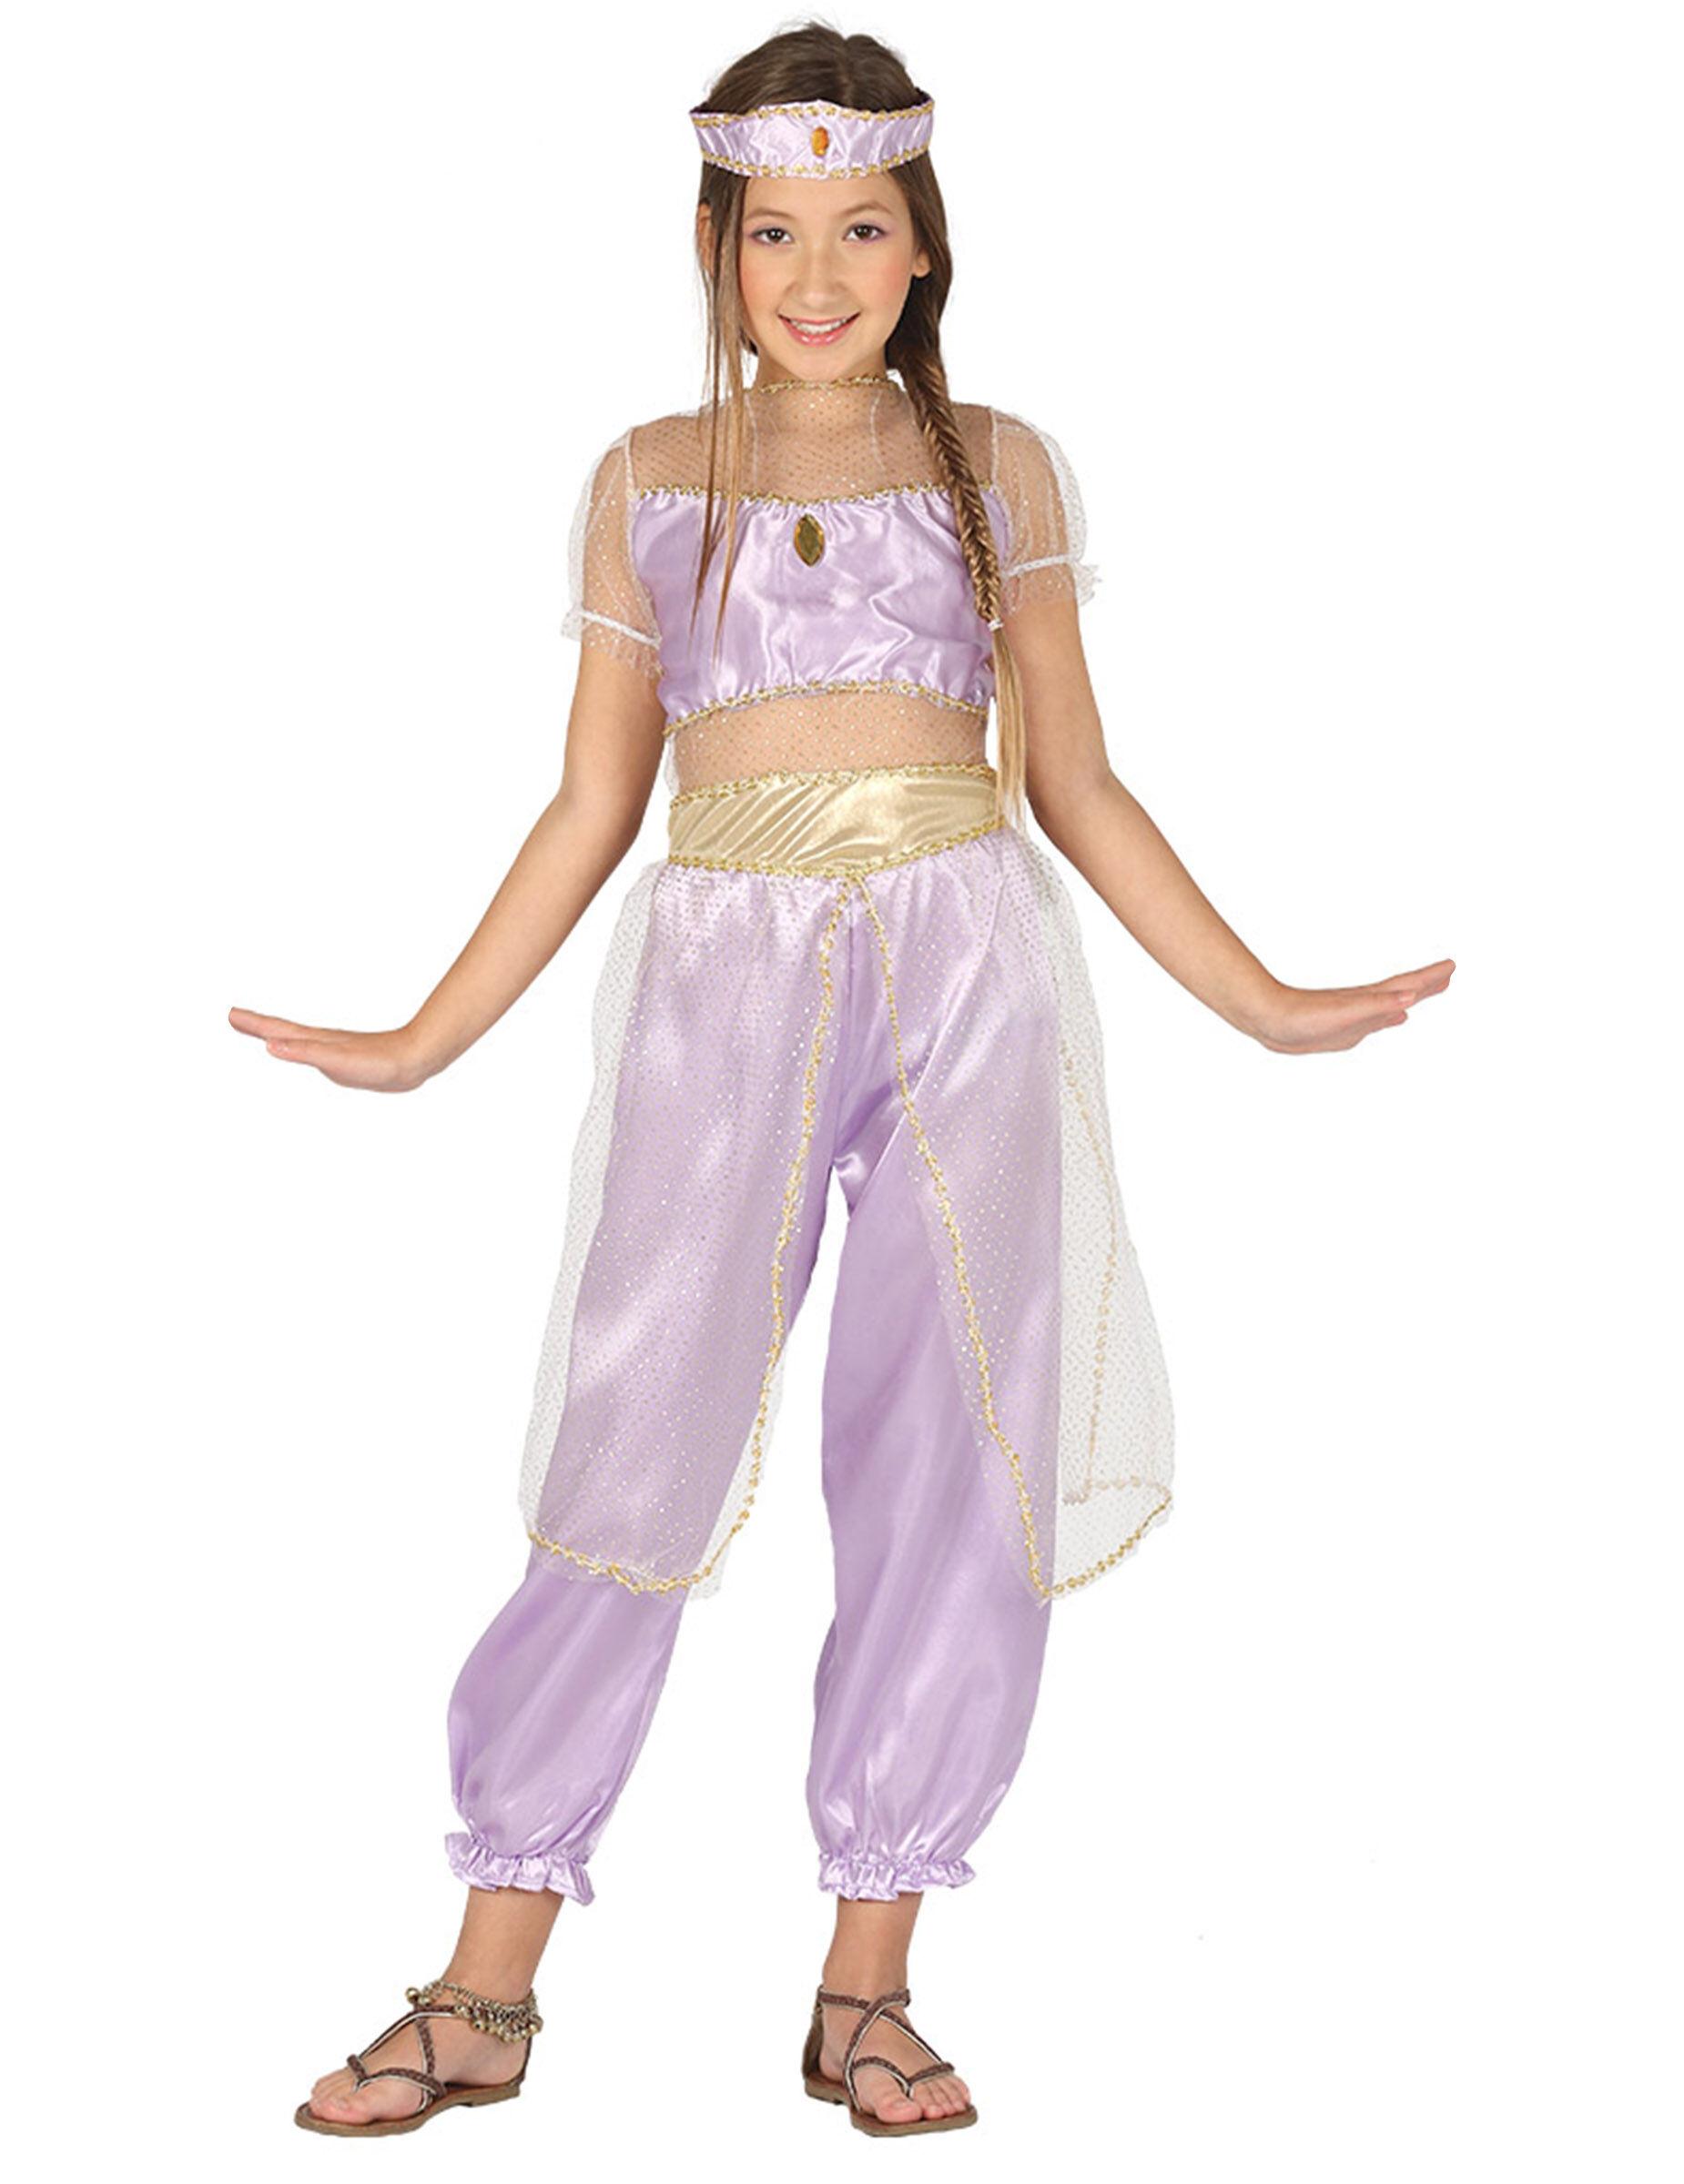 Deguisetoi Déguisement princesse du désert violet fille - Taille: 7 à 9 ans (125-135 cm)